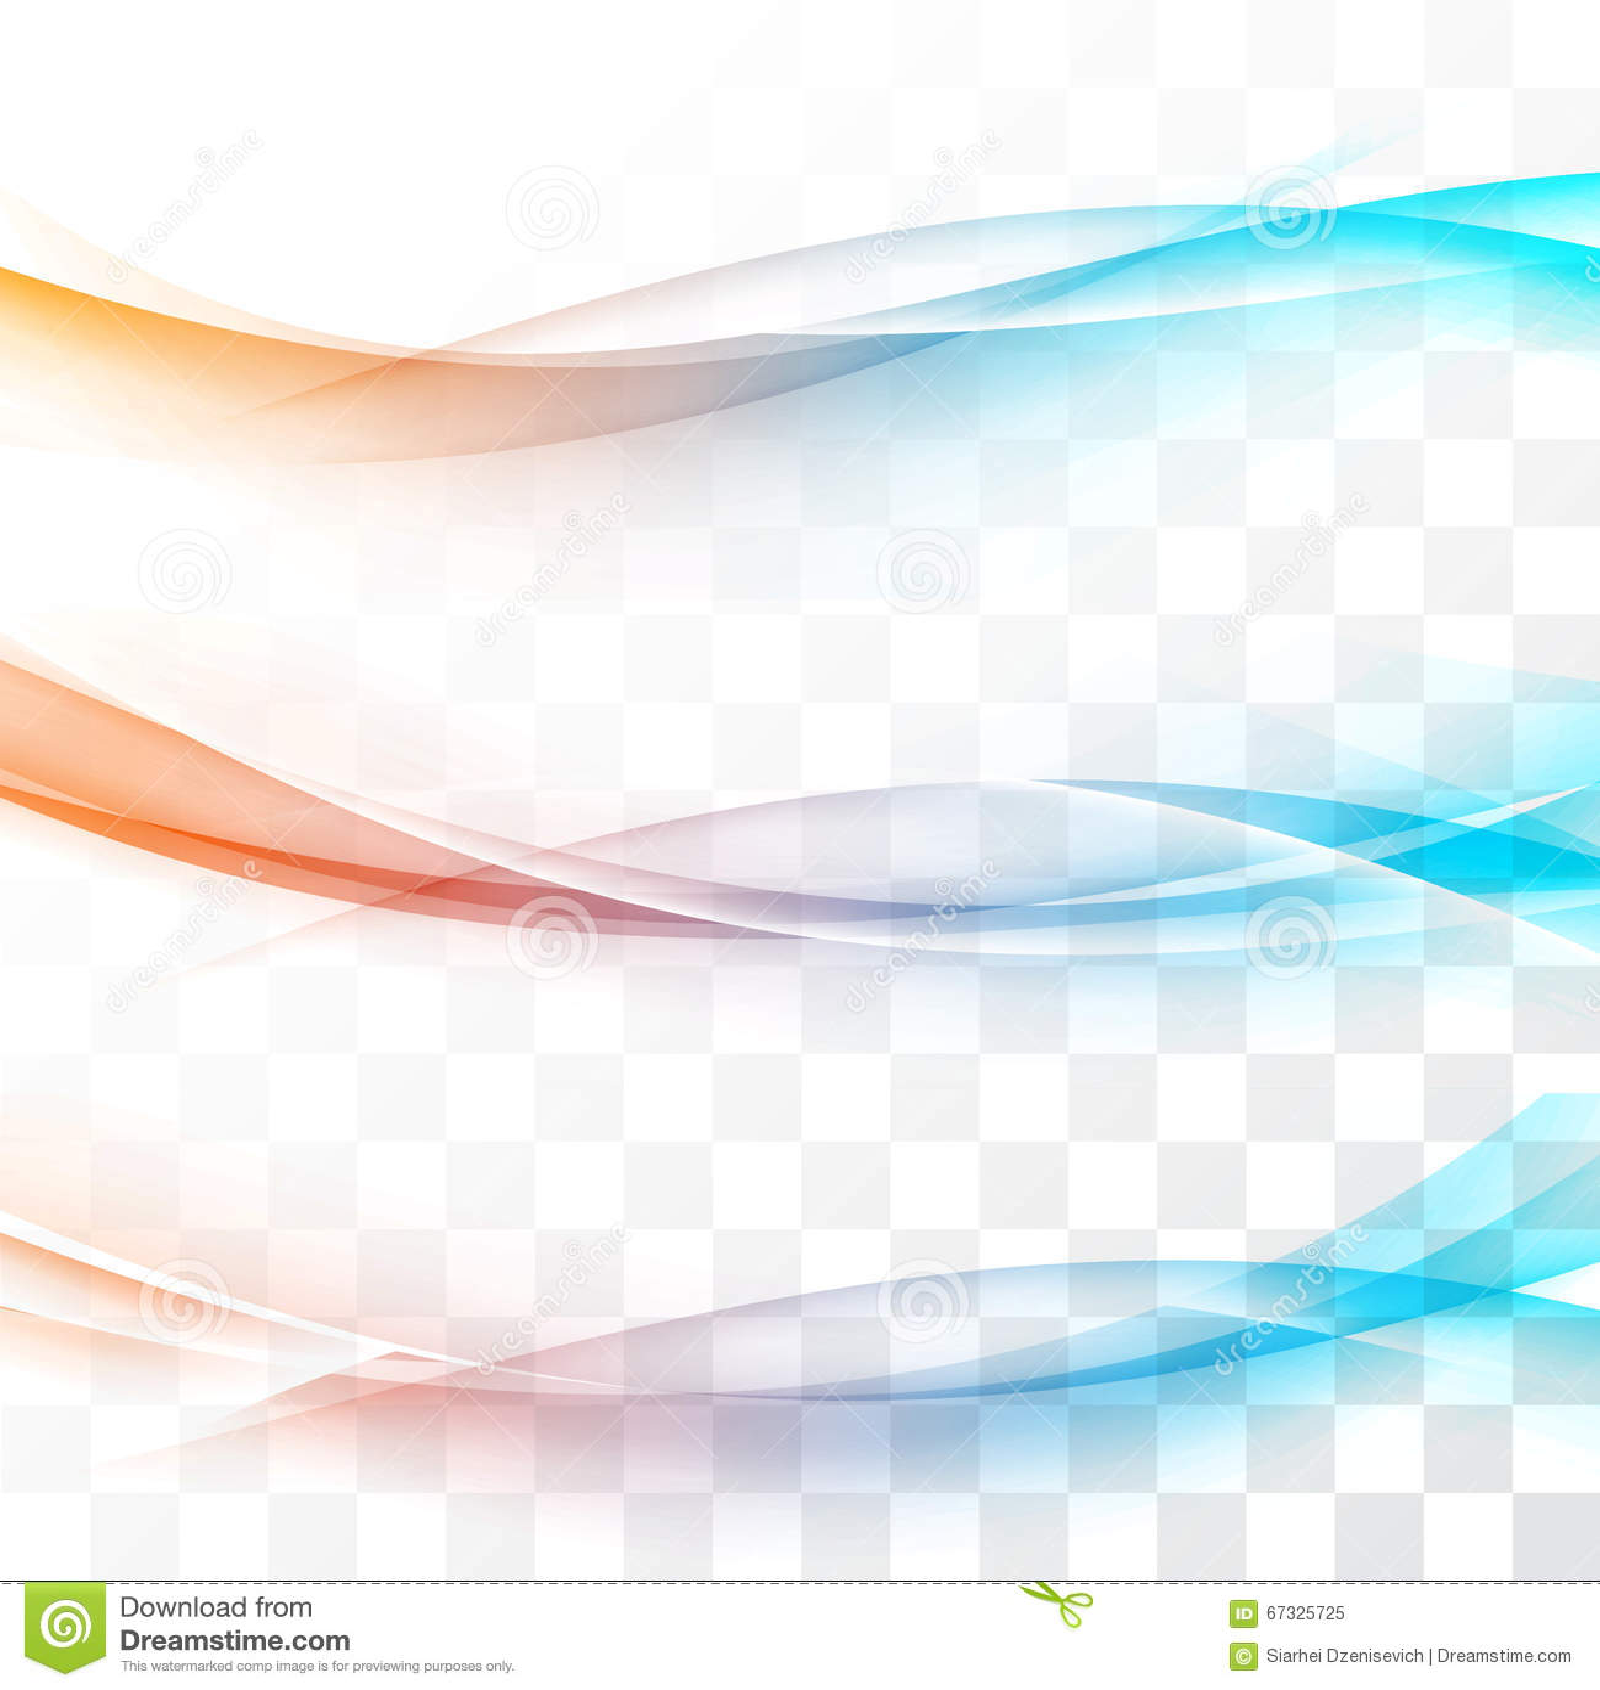 Vector Illustration Web Designs: Bright Speed Futuristic Fashion Border Lines Stock Vector